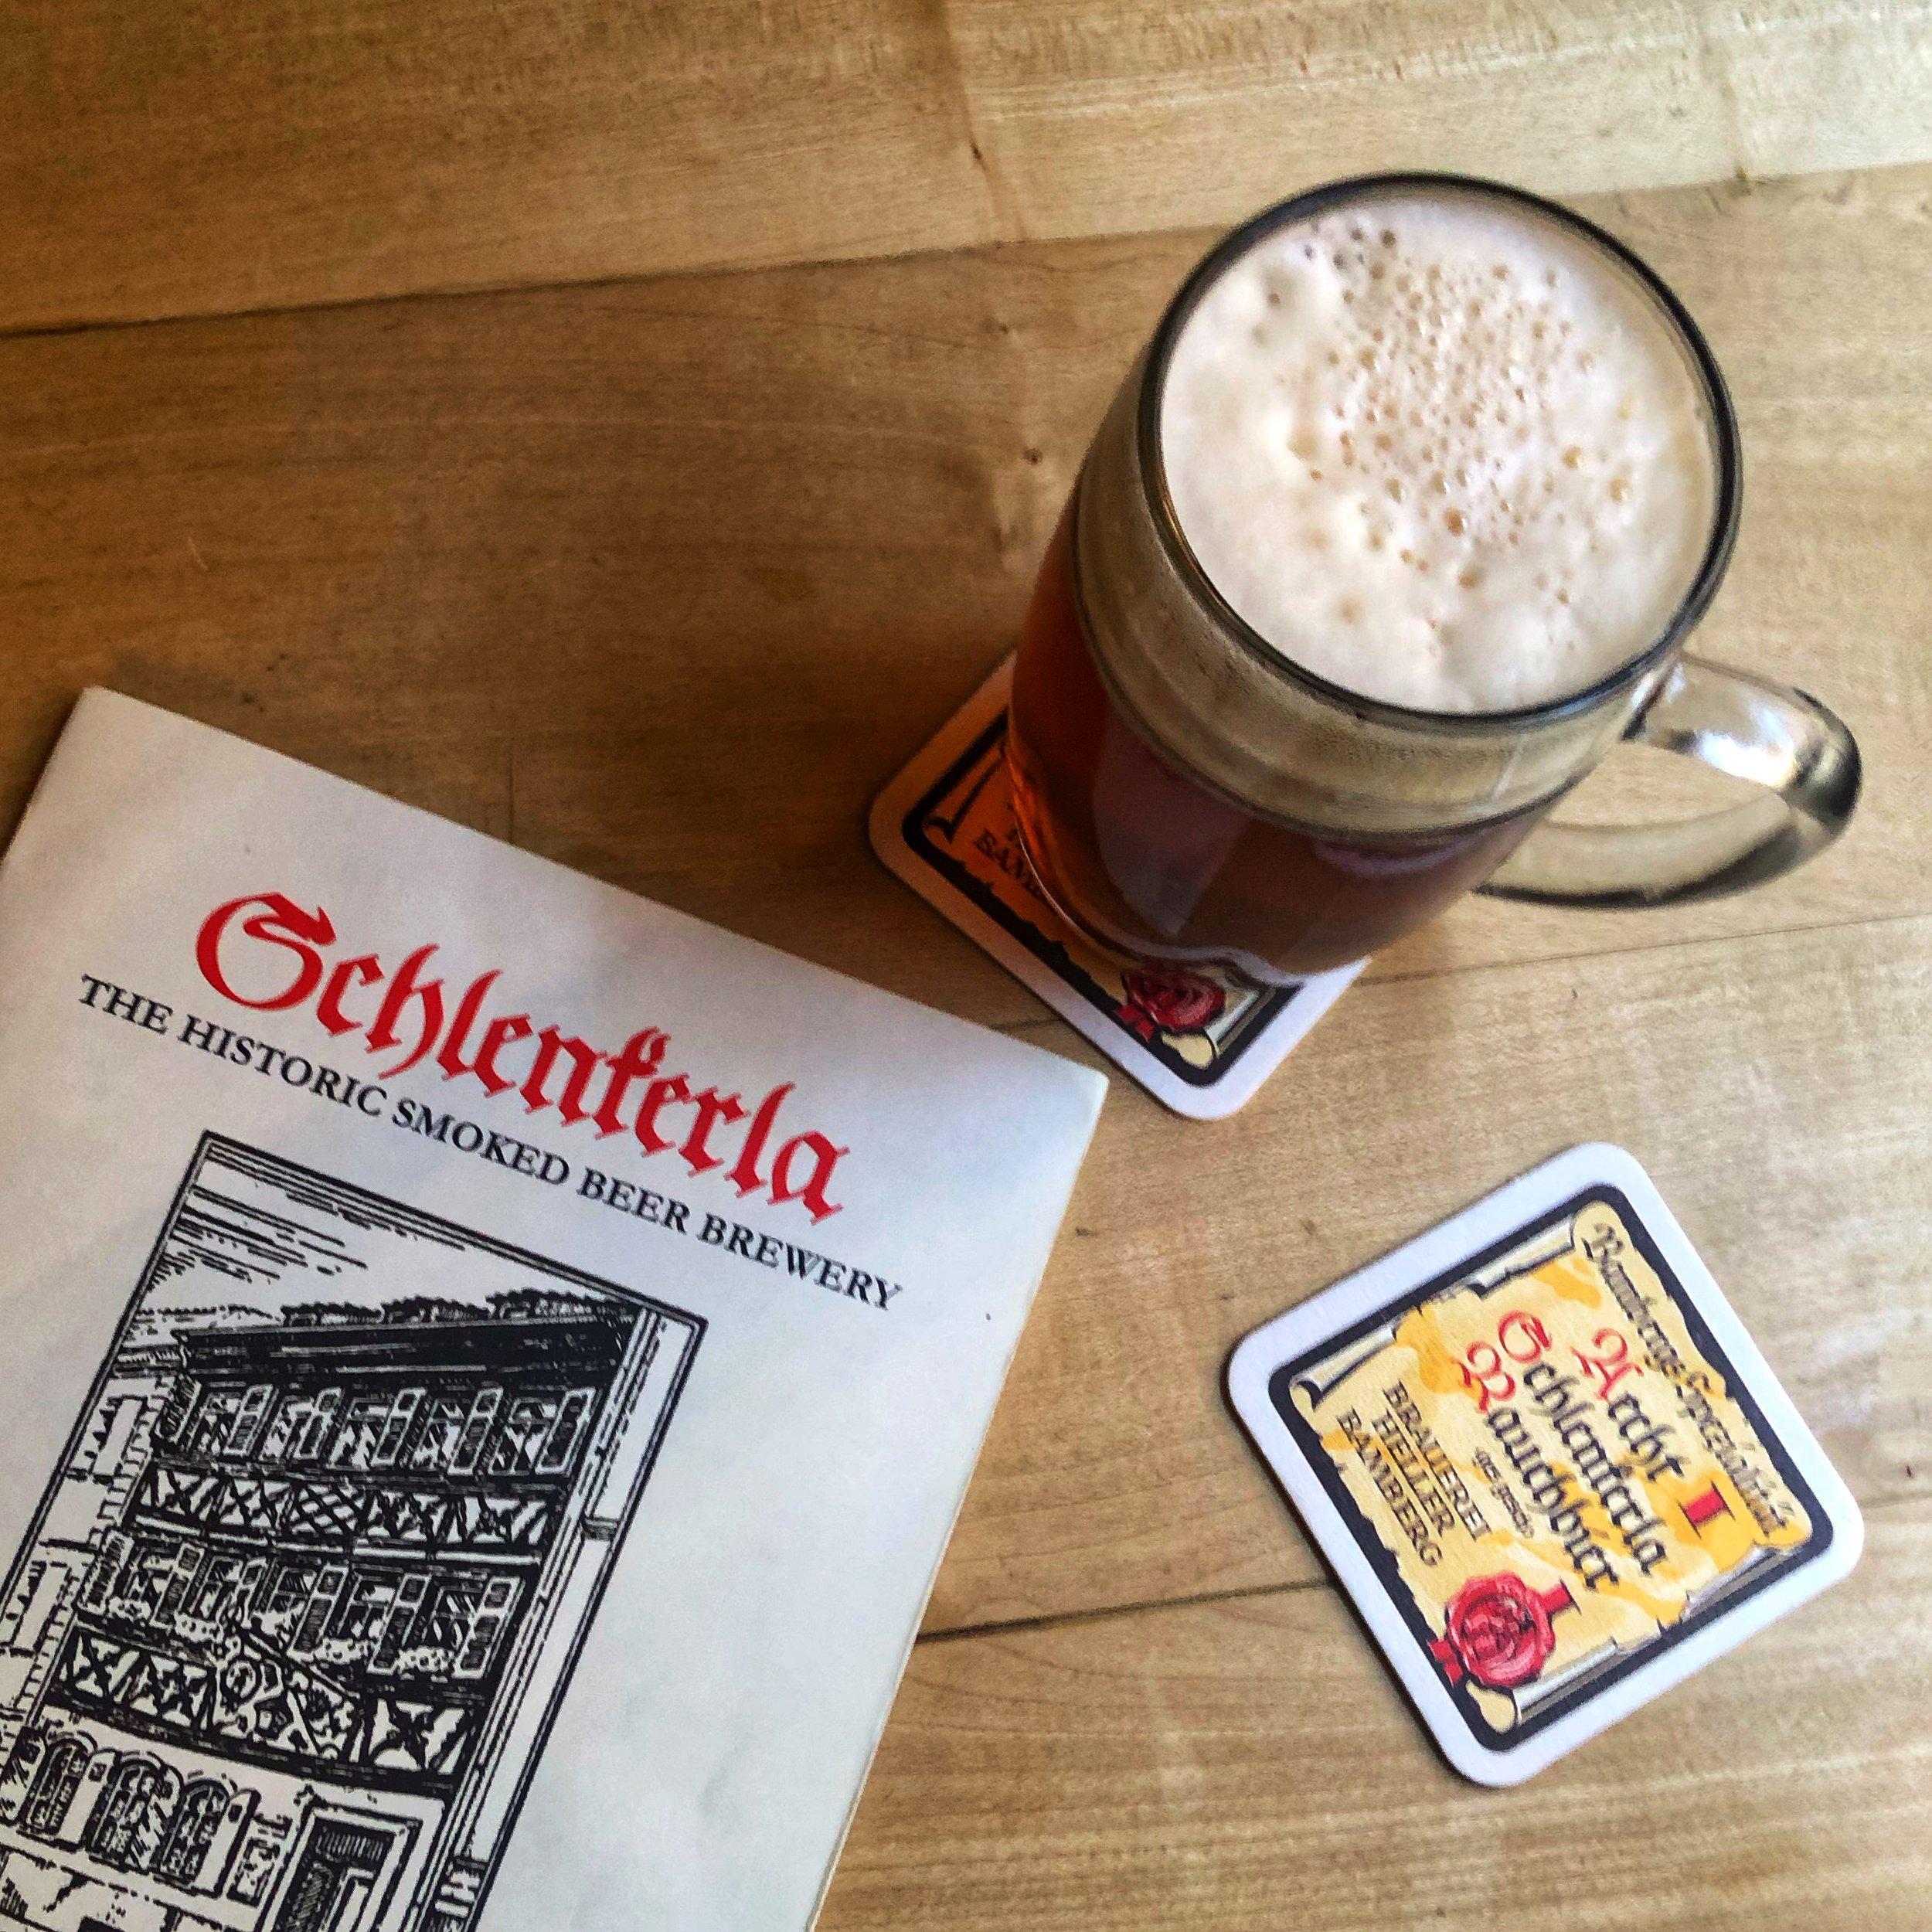 schlenkerla-smoked-beer.jpg